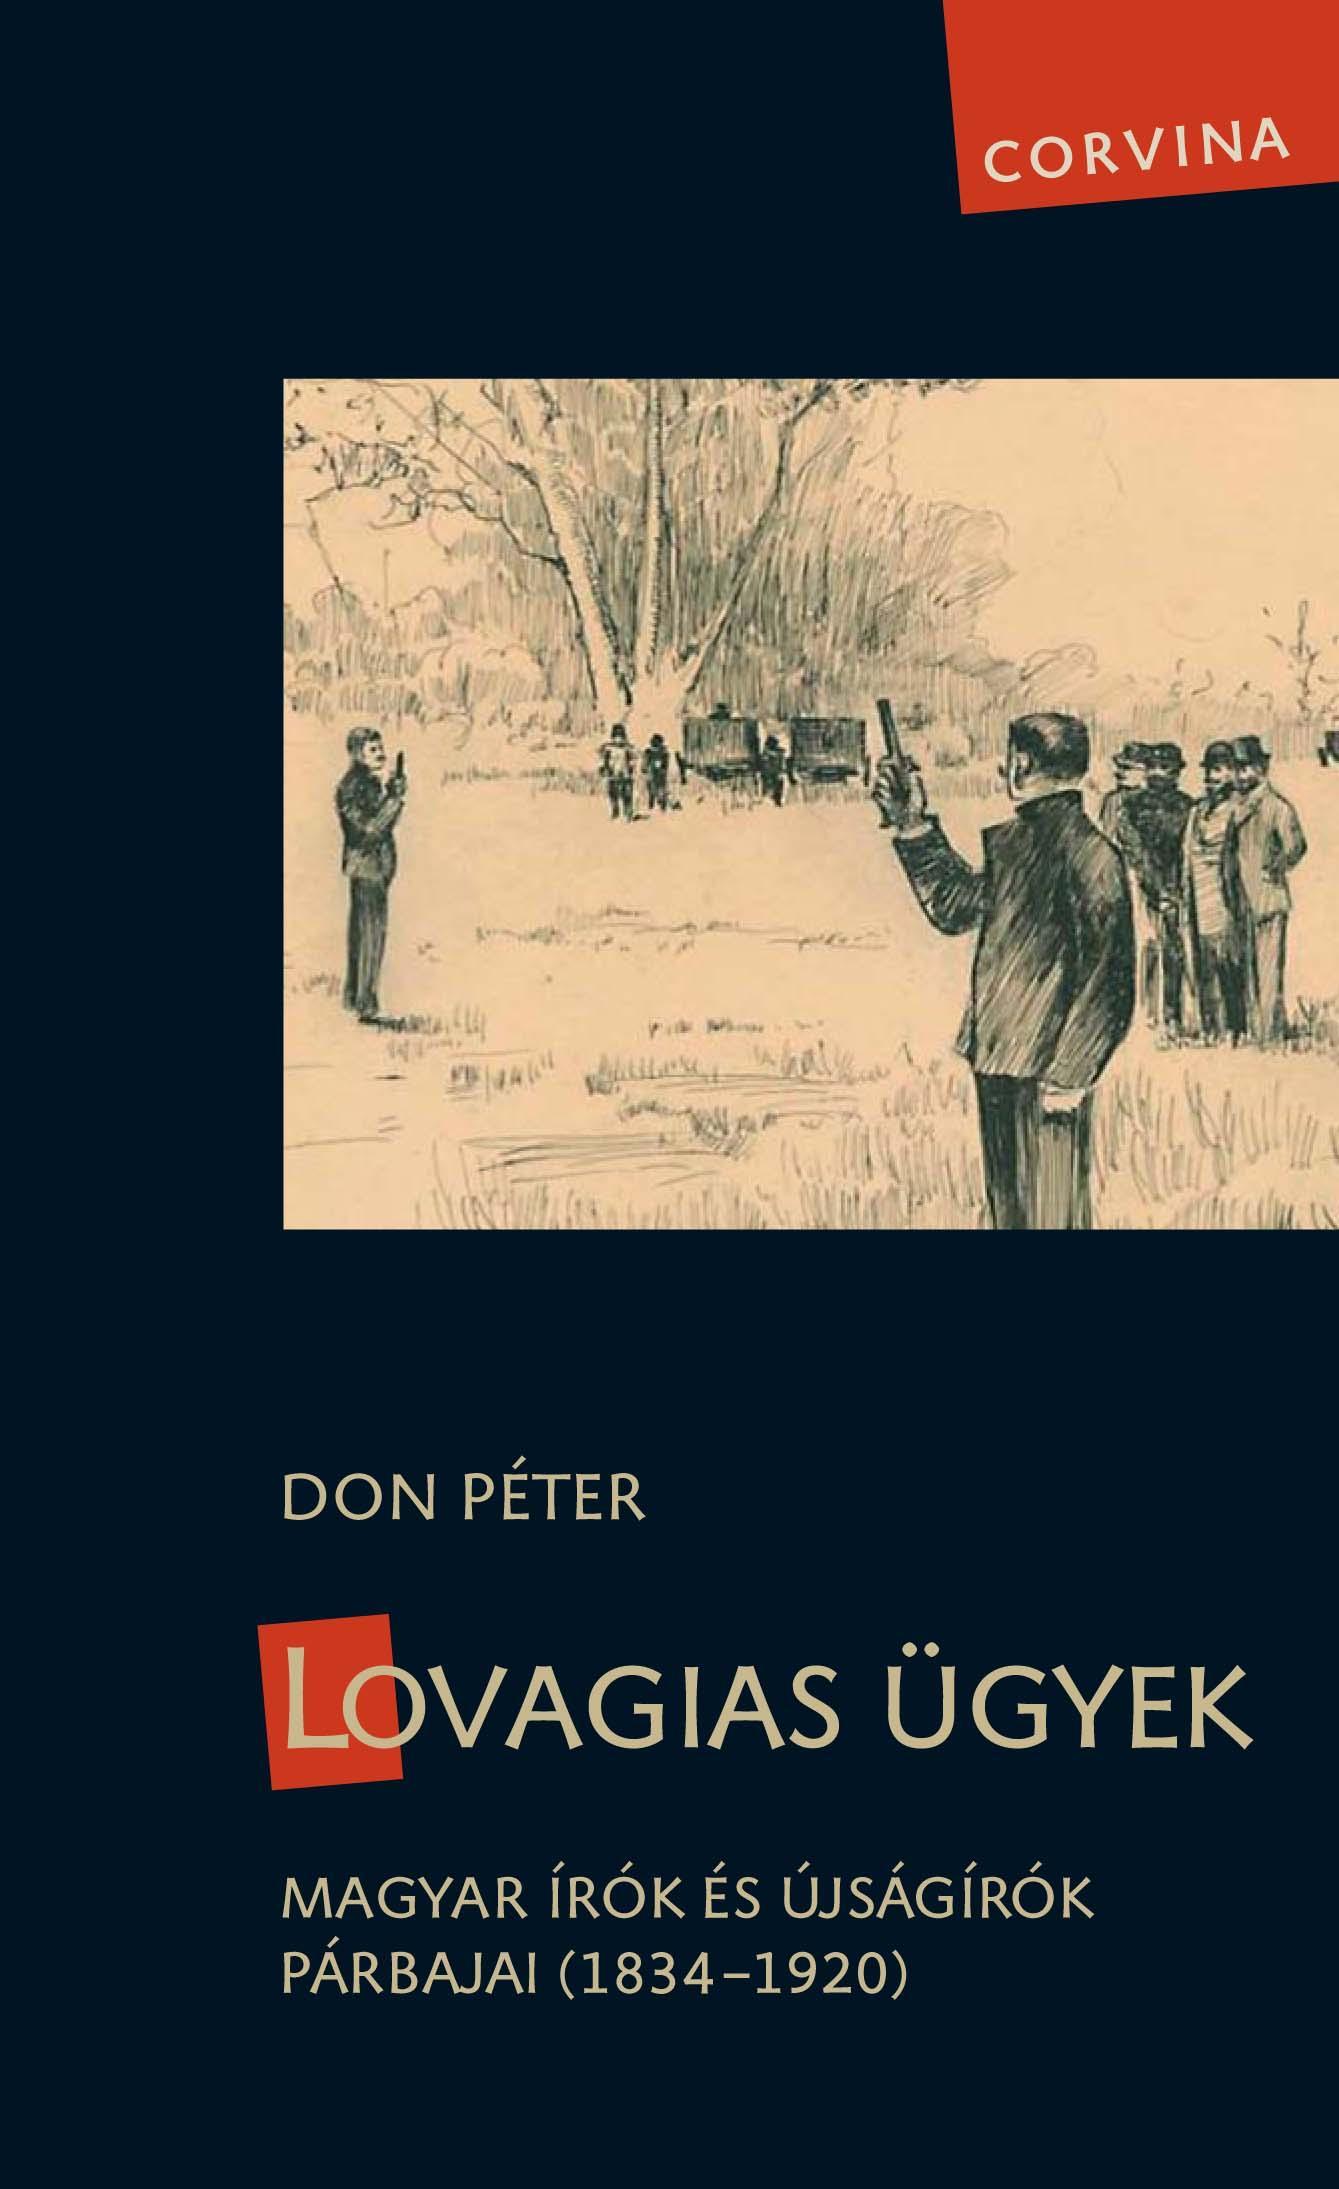 LOVAGIAS ÜGYEK - MAGYAR ÍRÓK ÉS ÚJSÁGÍRÓK PÁRBAJAI (1834-1920) -